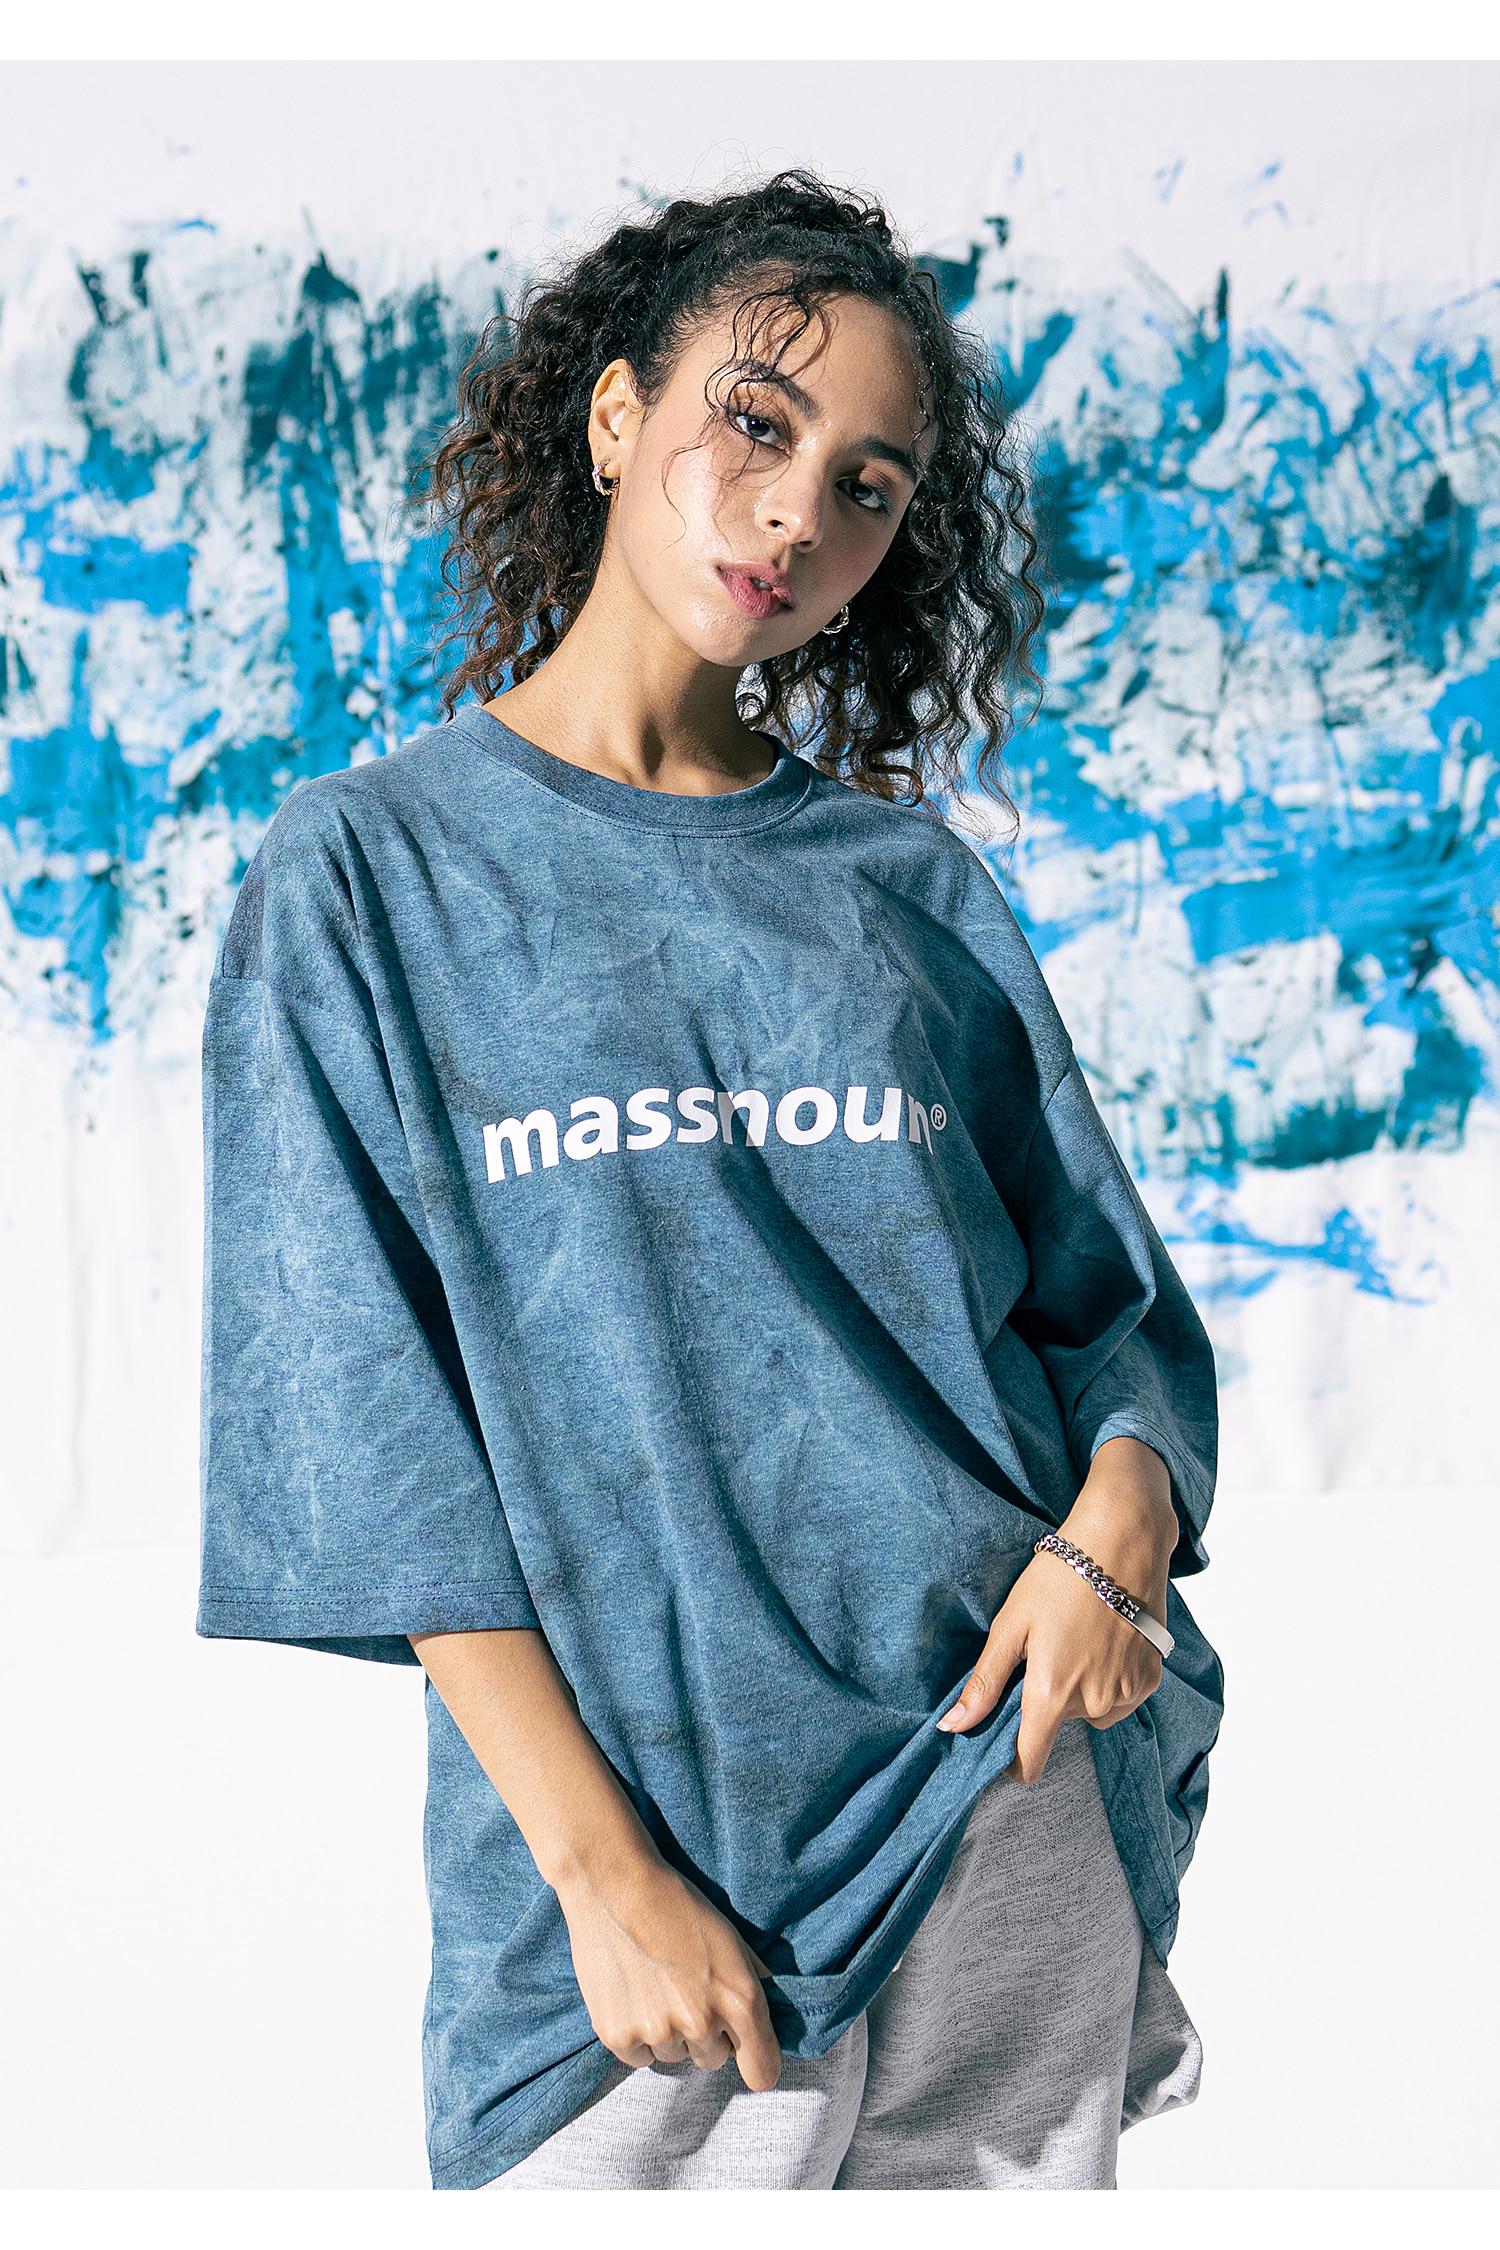 매스노운(MASSNOUN) SL 로고 타이다이 오버사이즈 반팔티 MSNTS009-MR